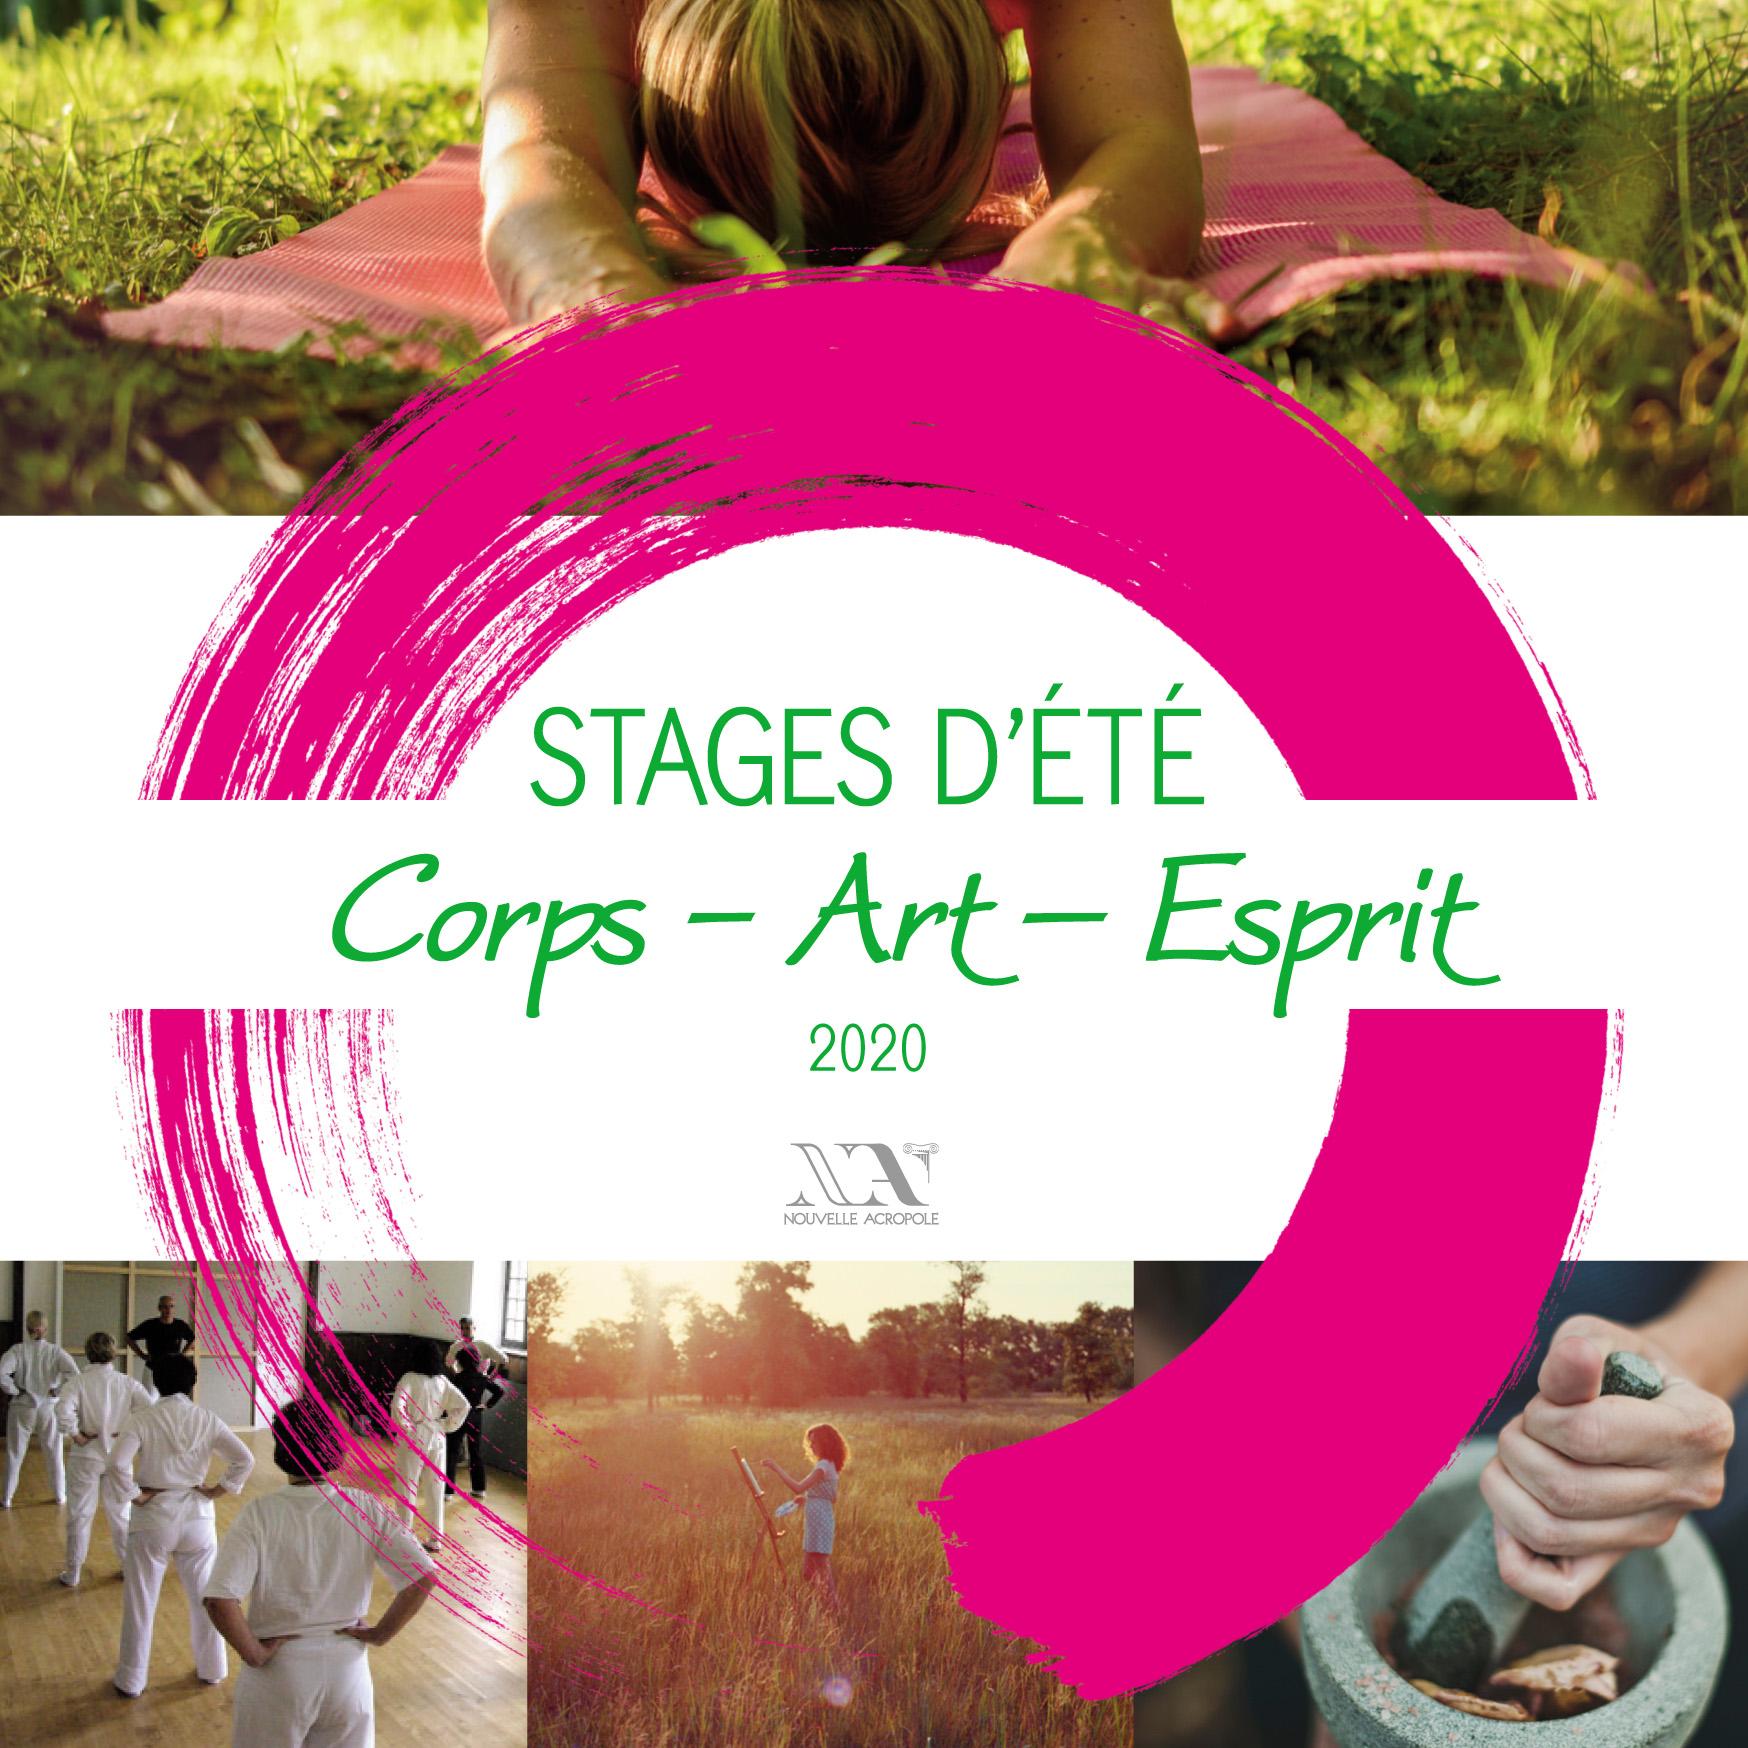 Stage d'été 2020 : Corps Art Esprit - Cour Petral - Nouvelle Acropole France